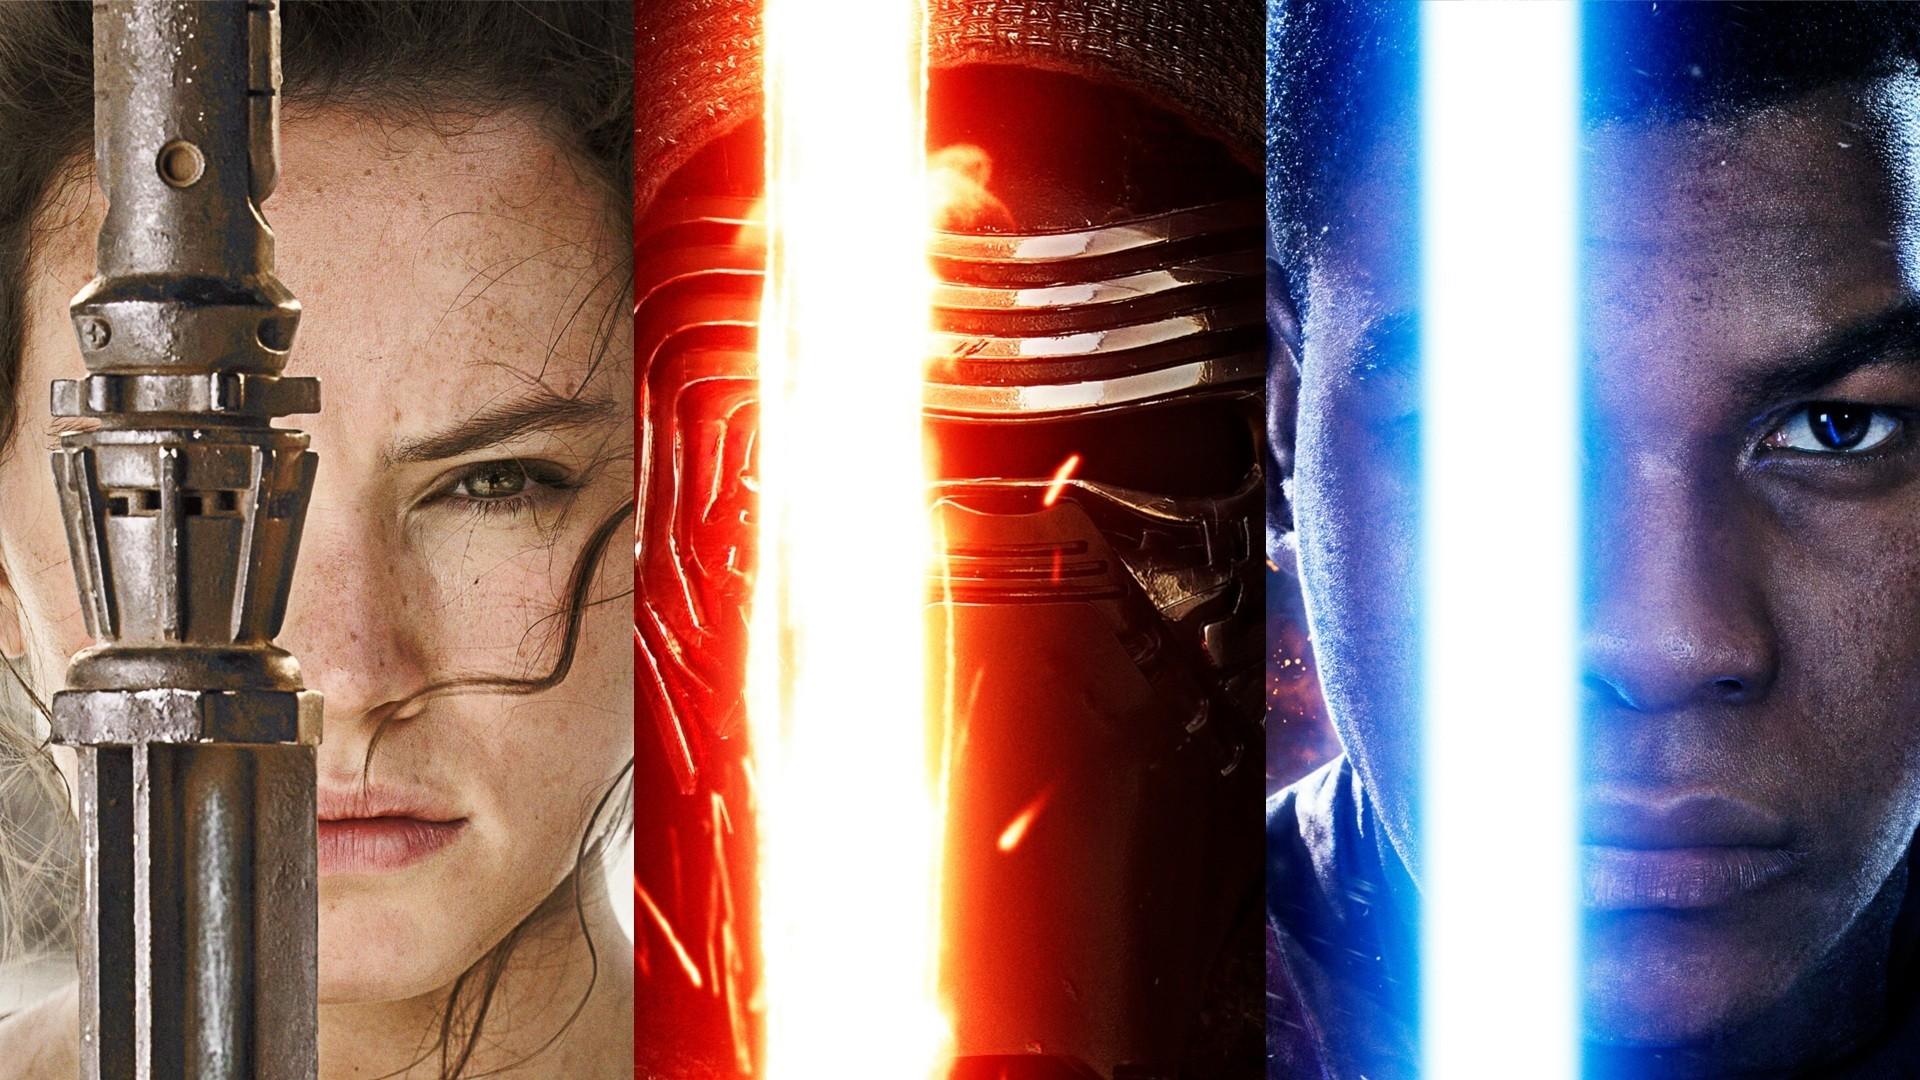 Film – Star Wars Episode VII: The Force Awakens Star Wars Kylo Ren Finn (